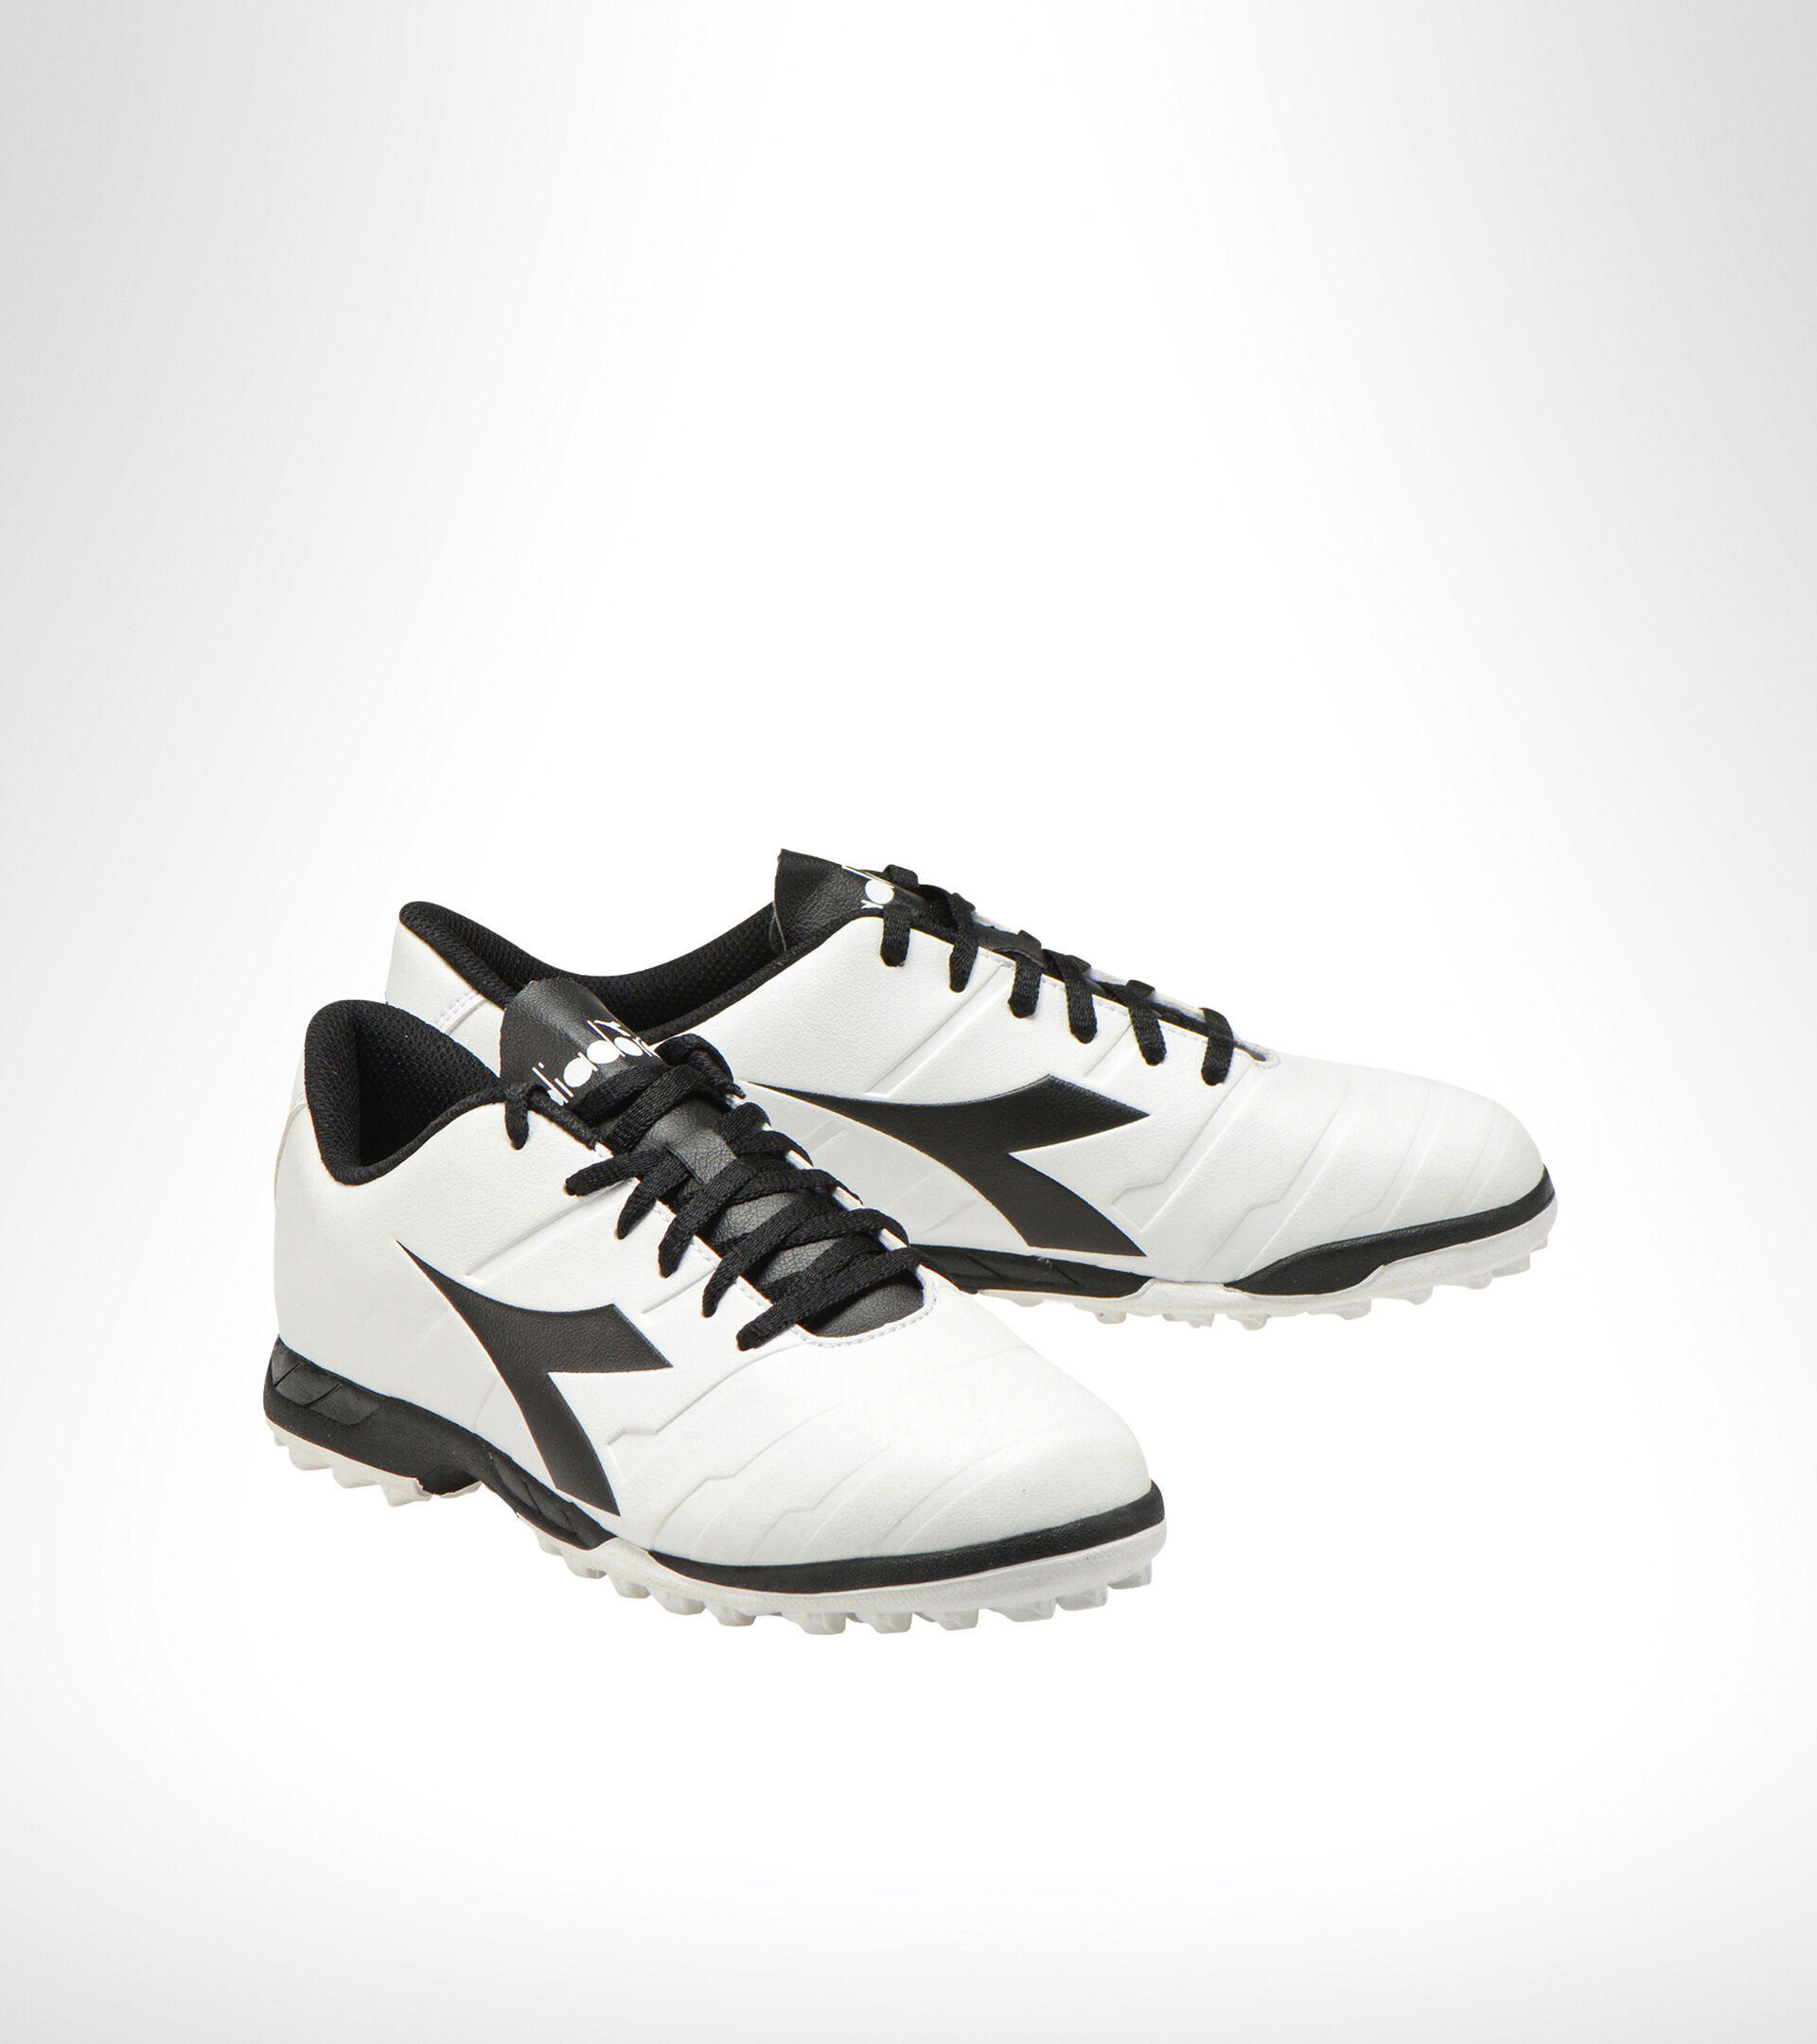 Footwear Sport UOMO PICHICHI 3 TF BIANCO/NERO Diadora